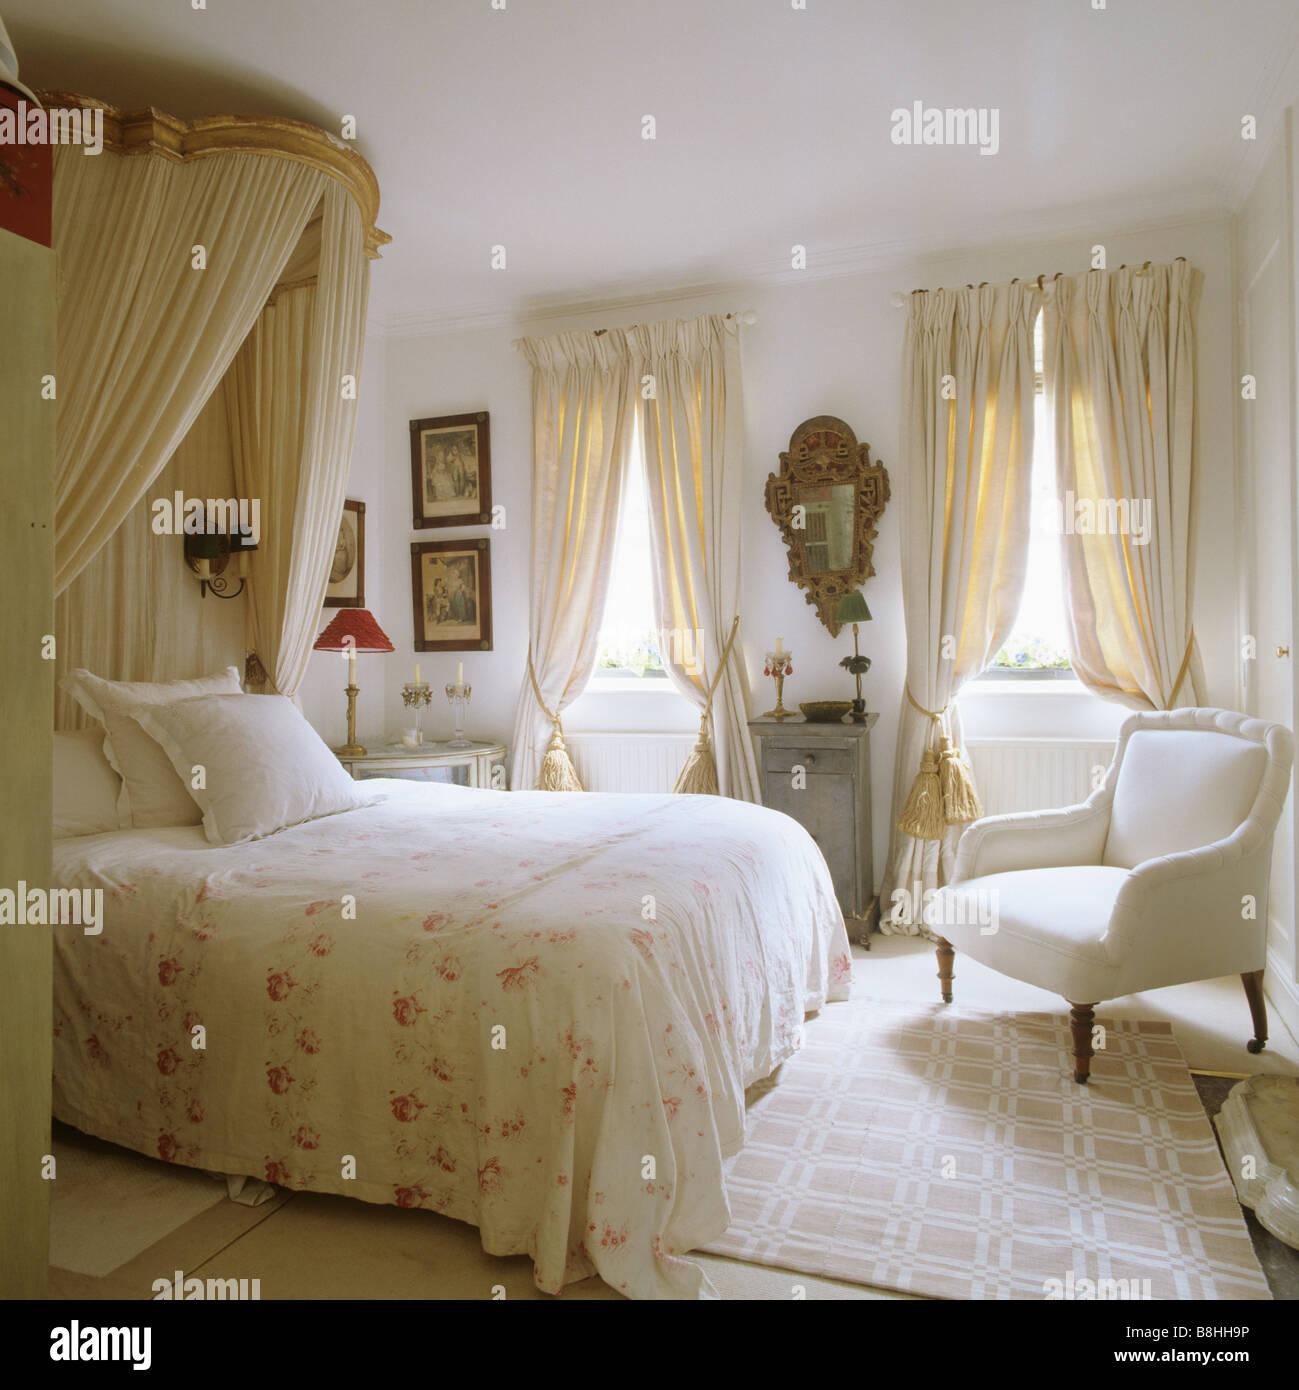 Chambre traditionnelle avec un sentiment féminin, corona et bedhangings mousseline et un miroir doré 18e Photo Stock